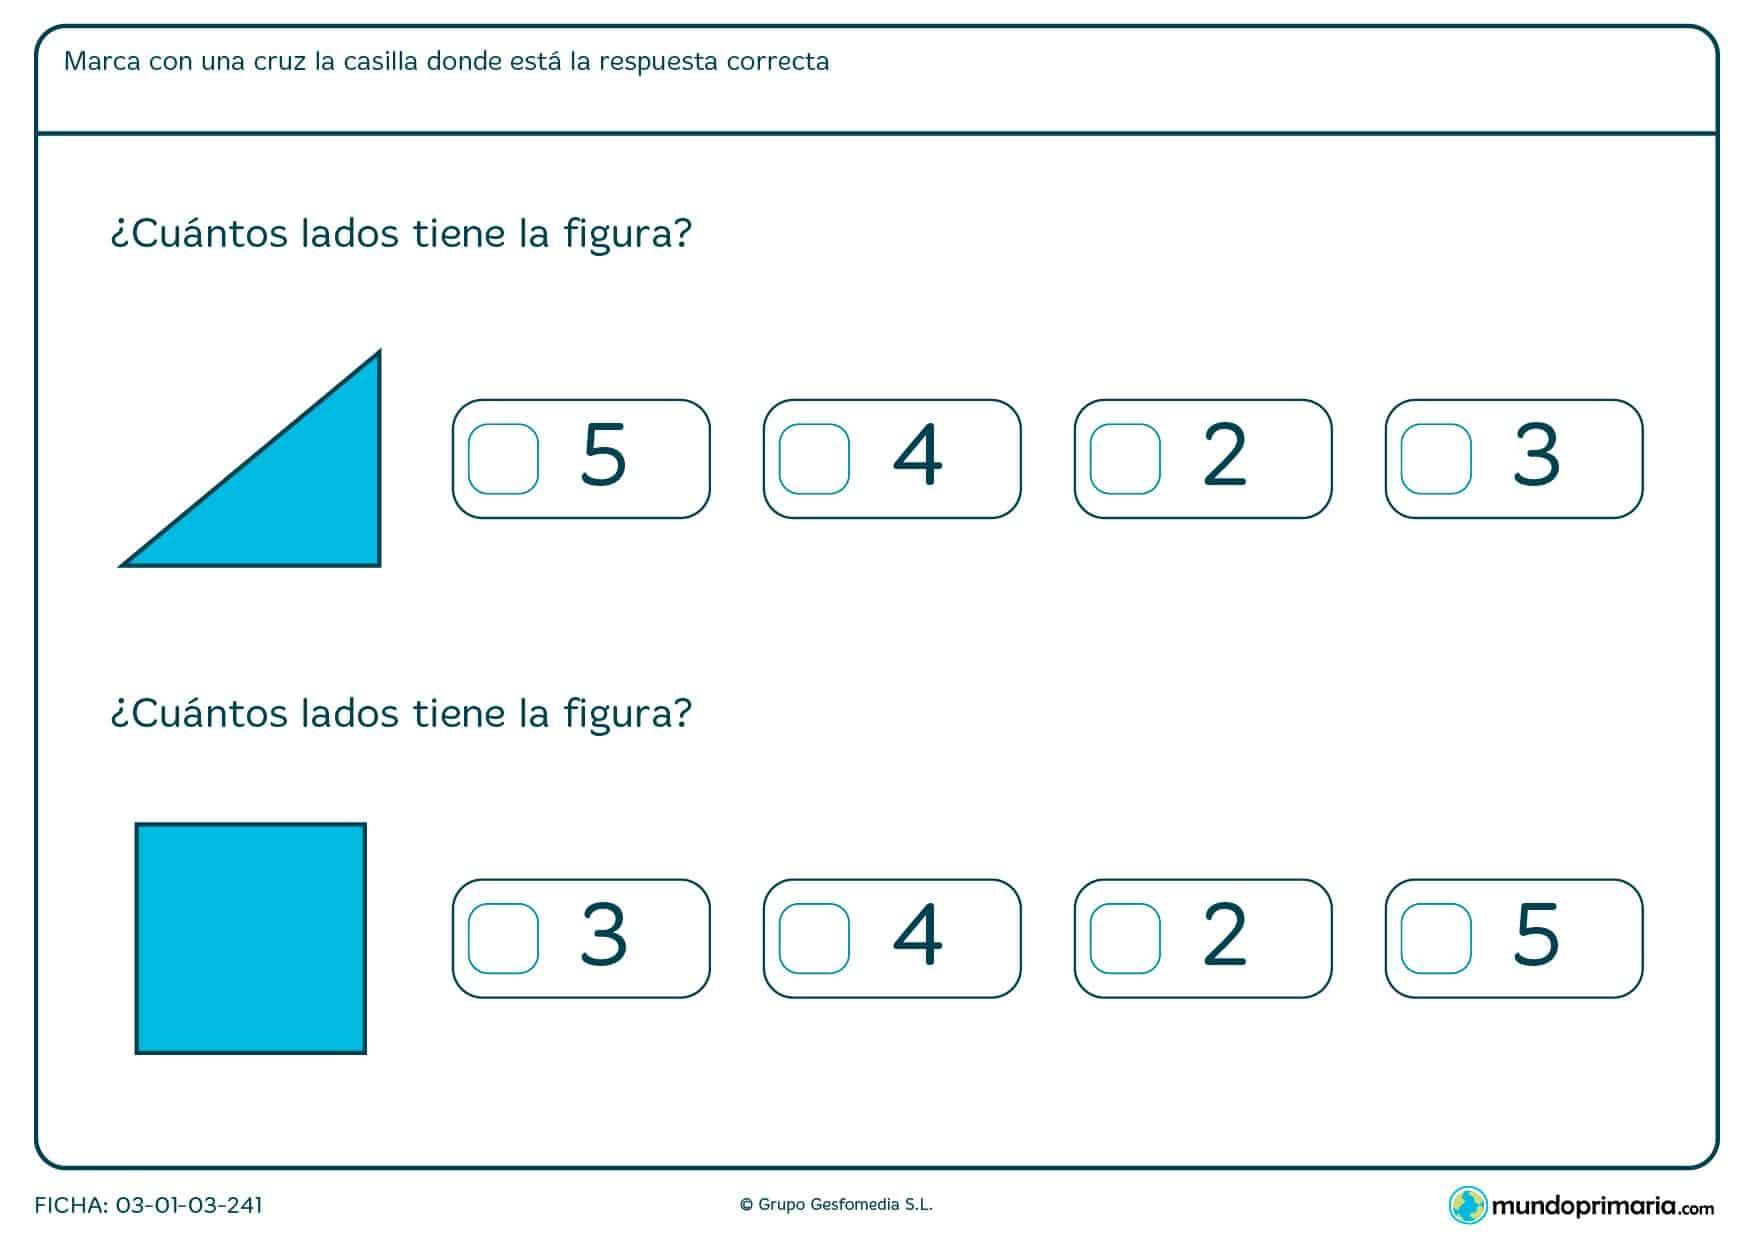 Cuenta los lados de la figura y marca la respuesta correcta.